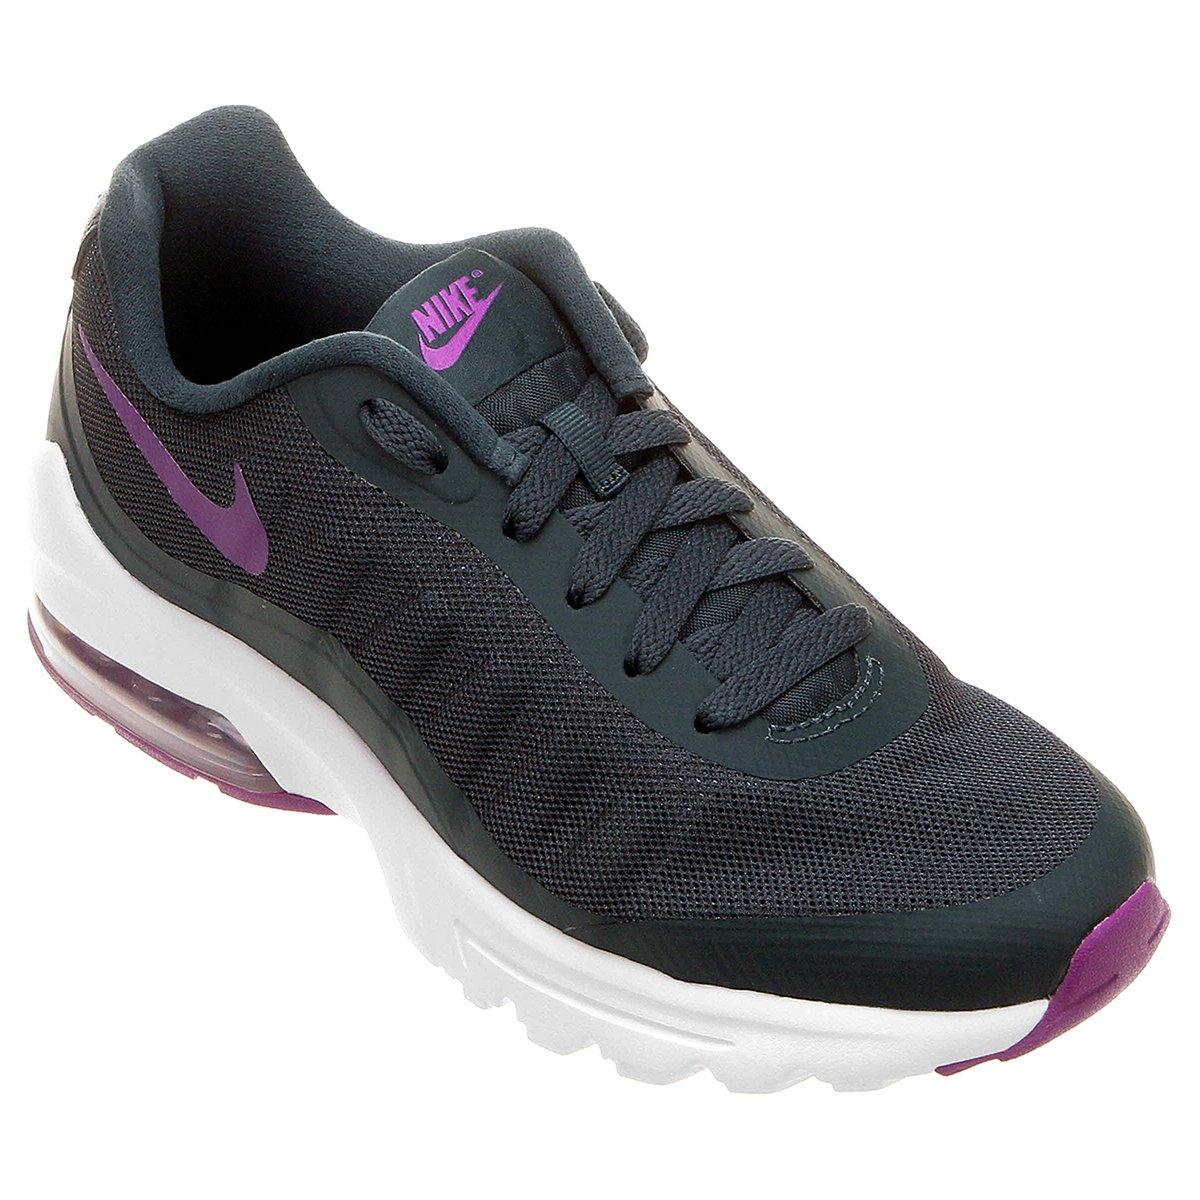 Tênis Nike Air Max Invigor - Compre Agora  20811e0e84bd6